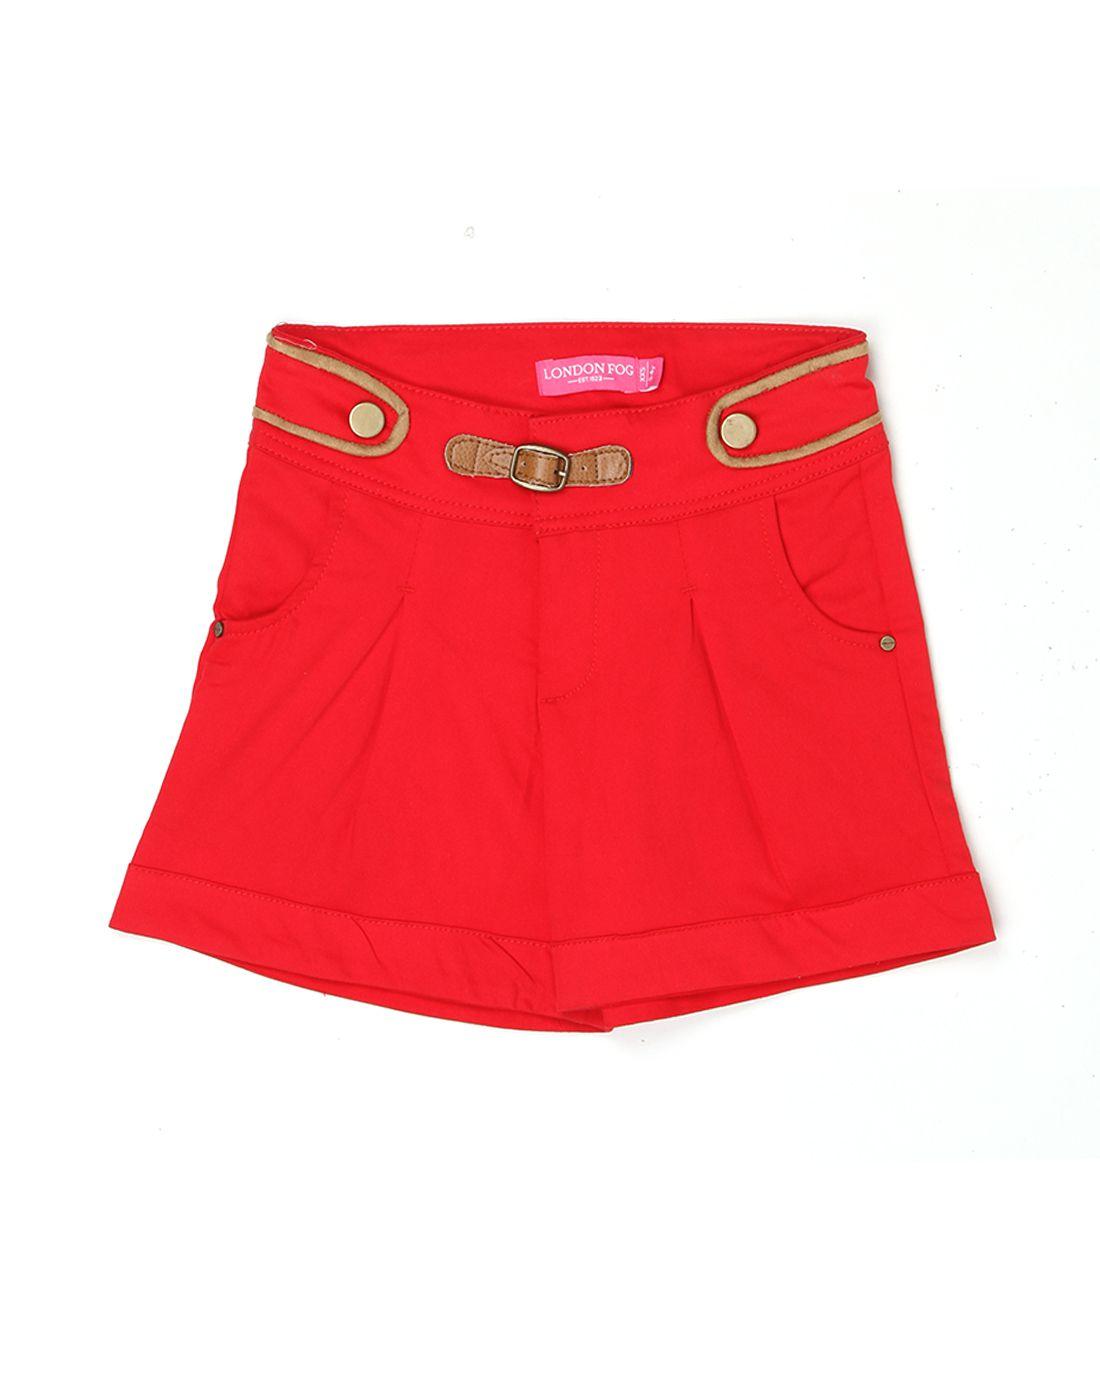 London Fog Girls Red  Short